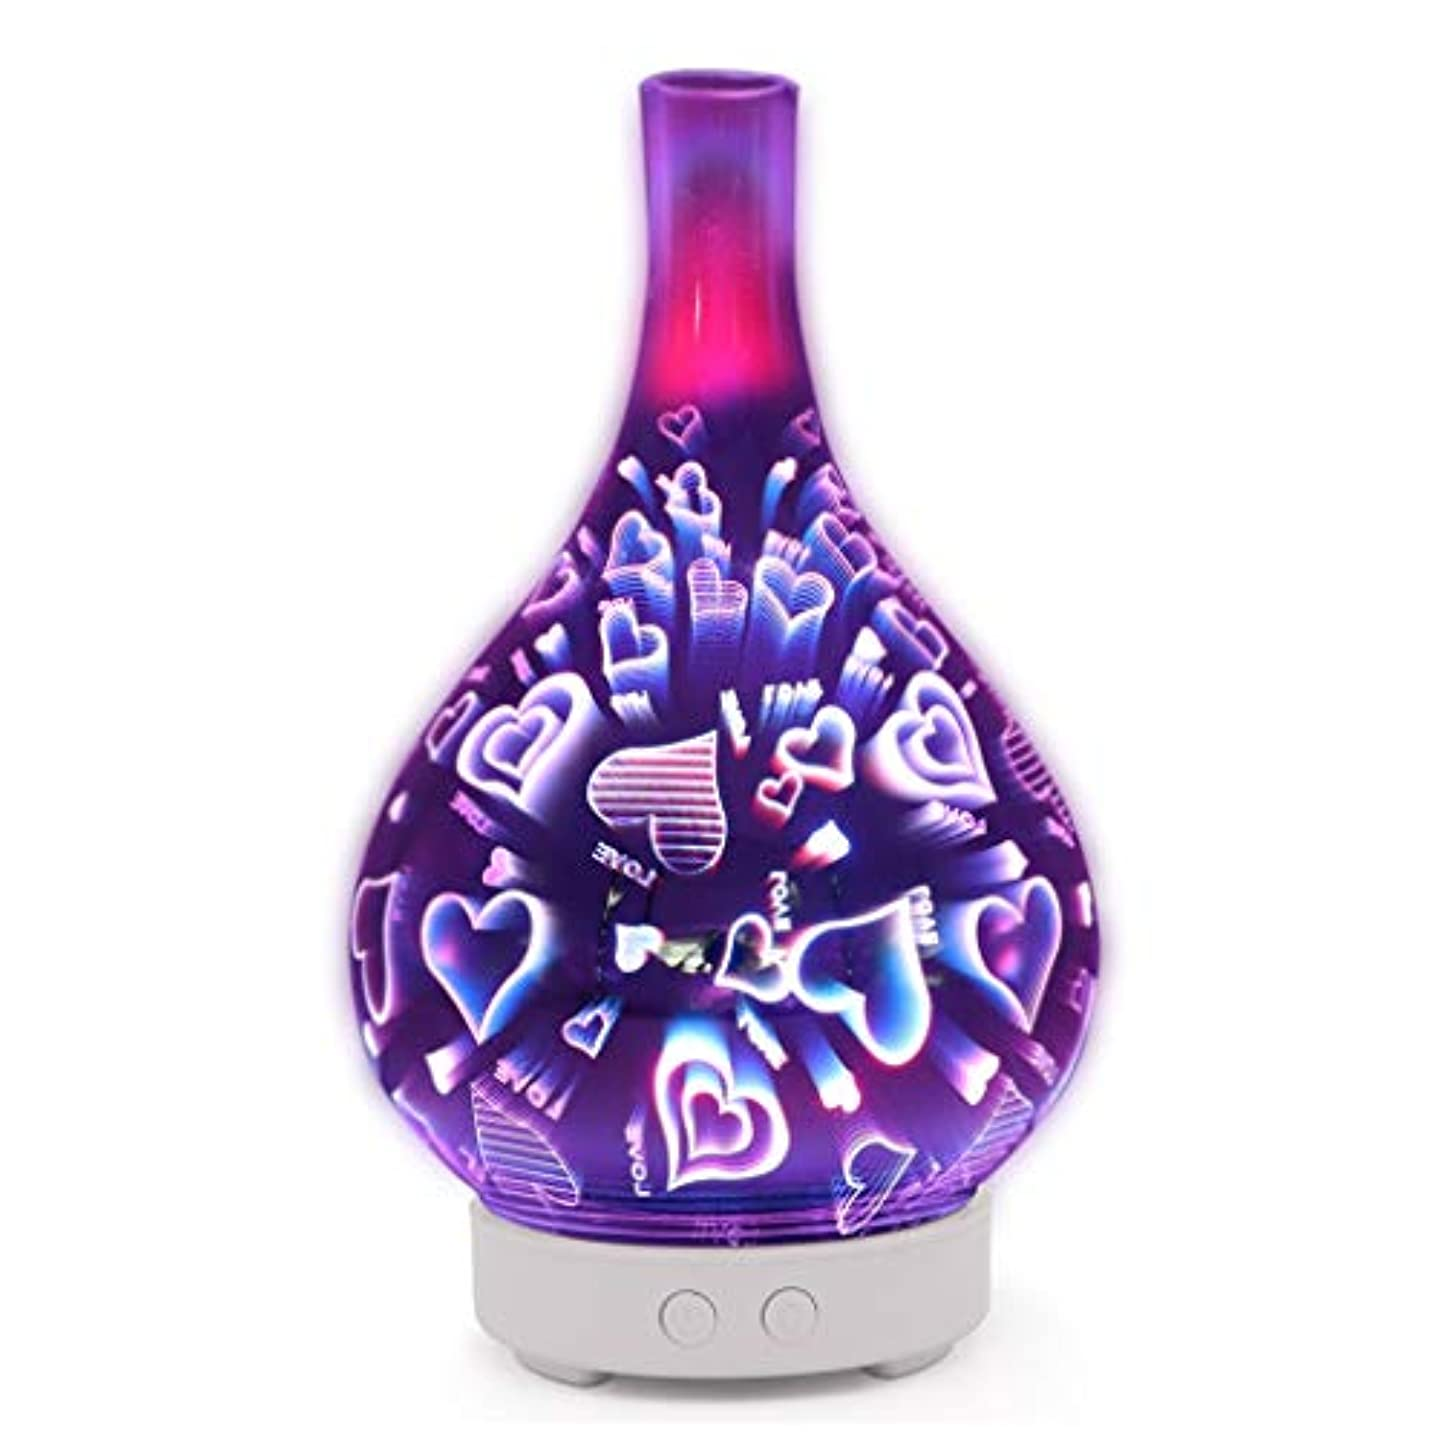 ファウル農業のアフリカ人すばらしいLEDライト、便利な自動操業停止および大きい水漕が付いている3Dガラスギャラクシー優れた超音波加湿器 (Color : Love)